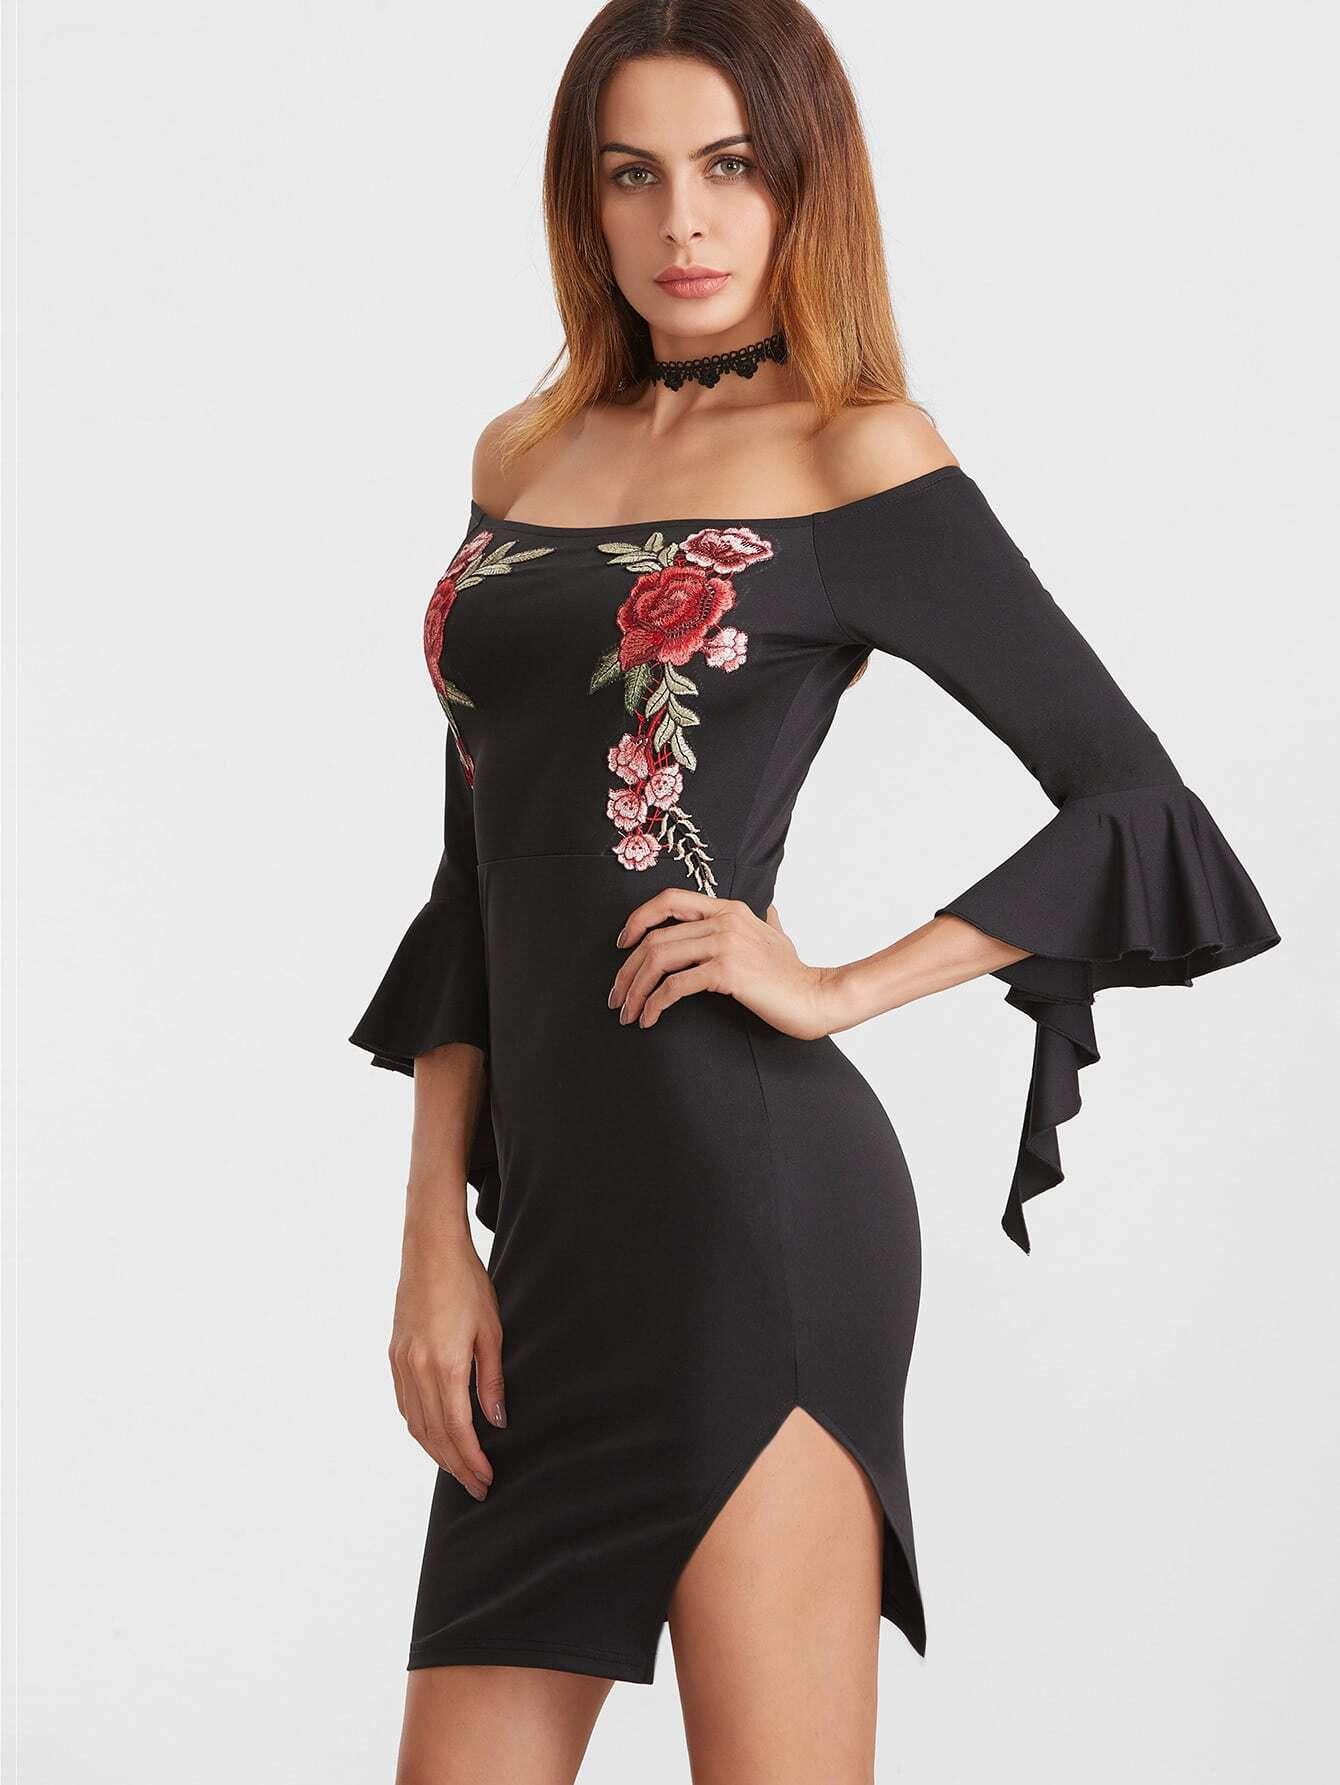 dress161216706_2